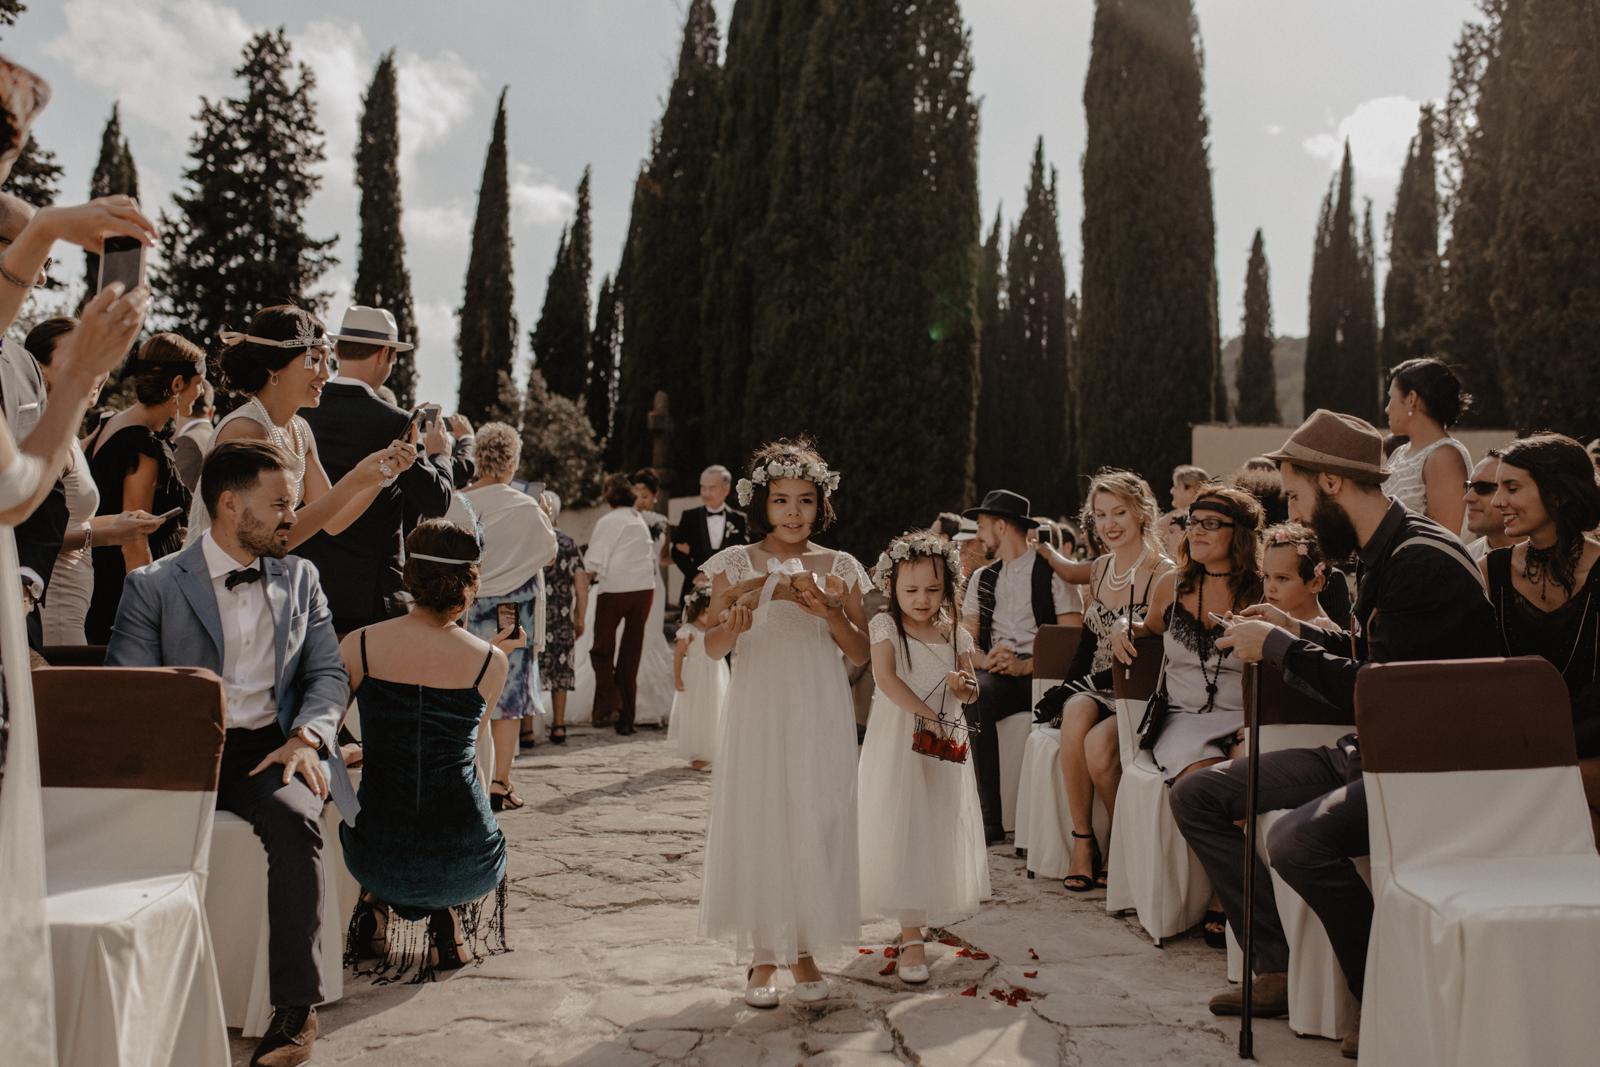 thenortherngirlphotography_photography_thenortherngirl_rebeccascabros_wedding_weddingphotography_weddingphotographer_barcelona_bodaenlabaronia_labaronia_japanesewedding_destinationwedding_shokoalbert-386.jpg